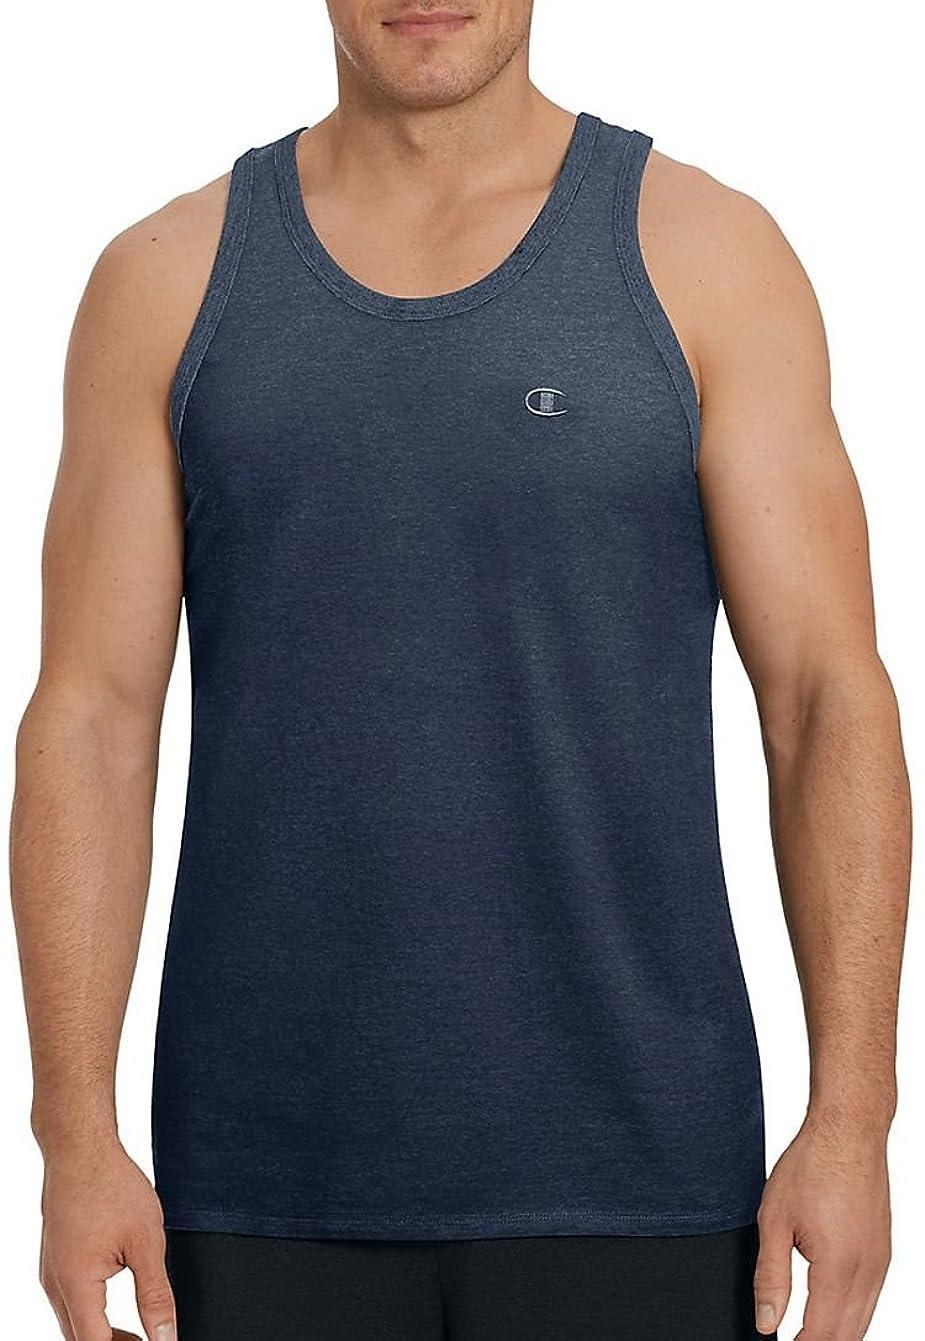 寸前上げる洞察力[チャンピオン] メンズ シャツ Champion Men's Classic Cotton Ringer Sle [並行輸入品]